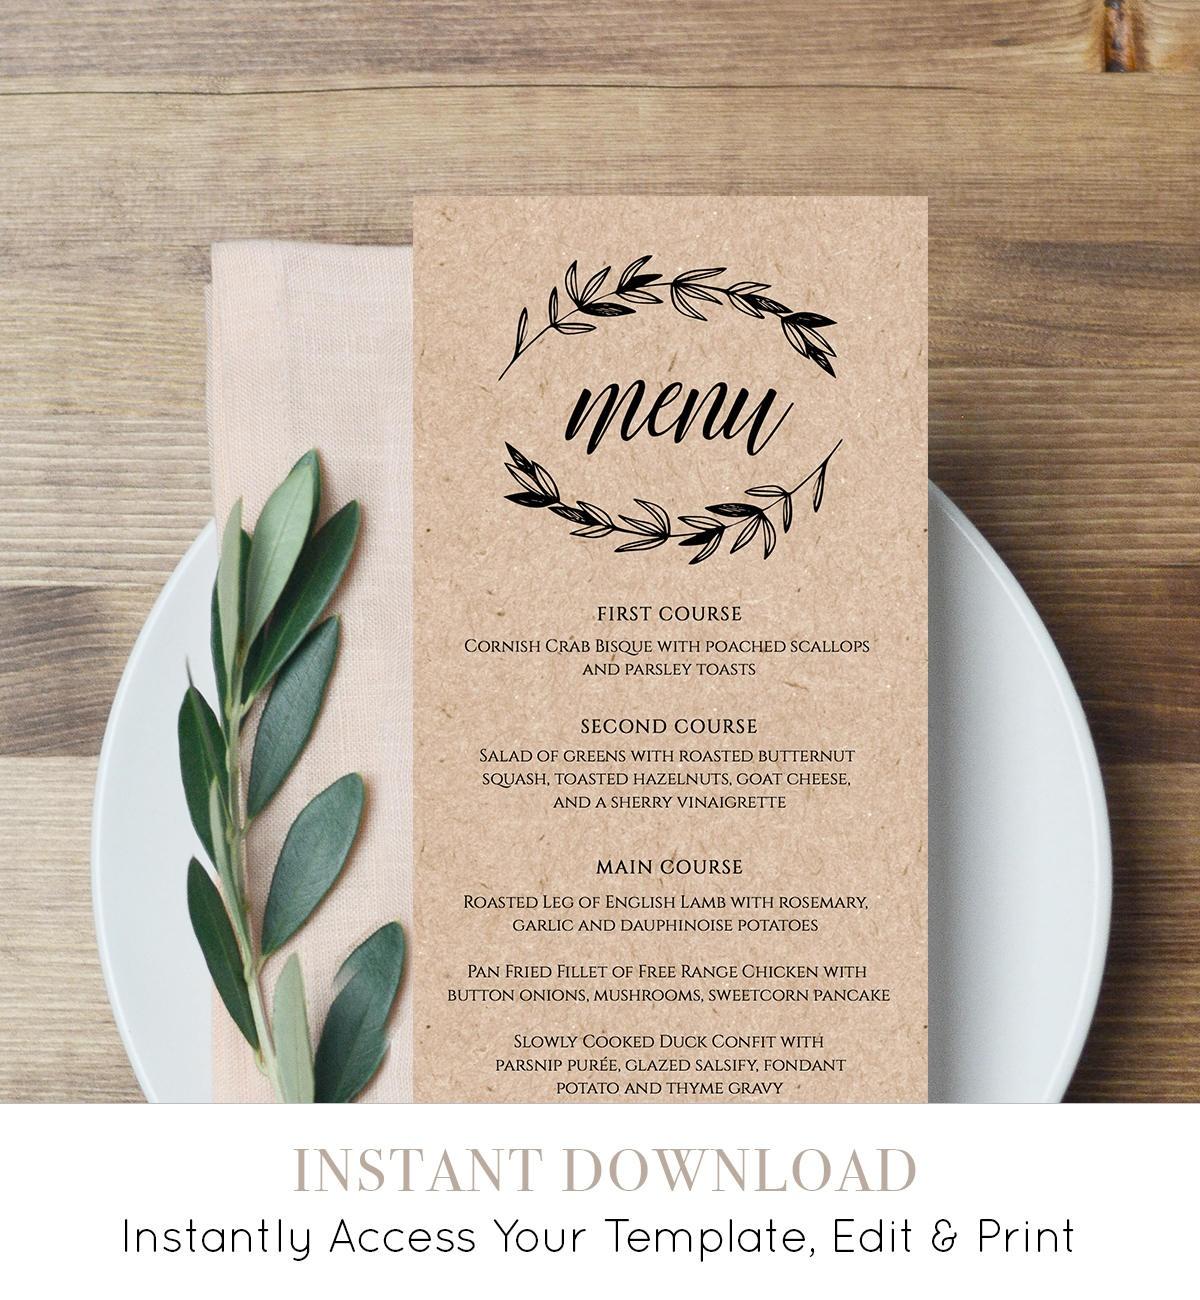 Rustic Wedding Menu Template, Printable Menu Card, Editable - Free Printable Menu Templates